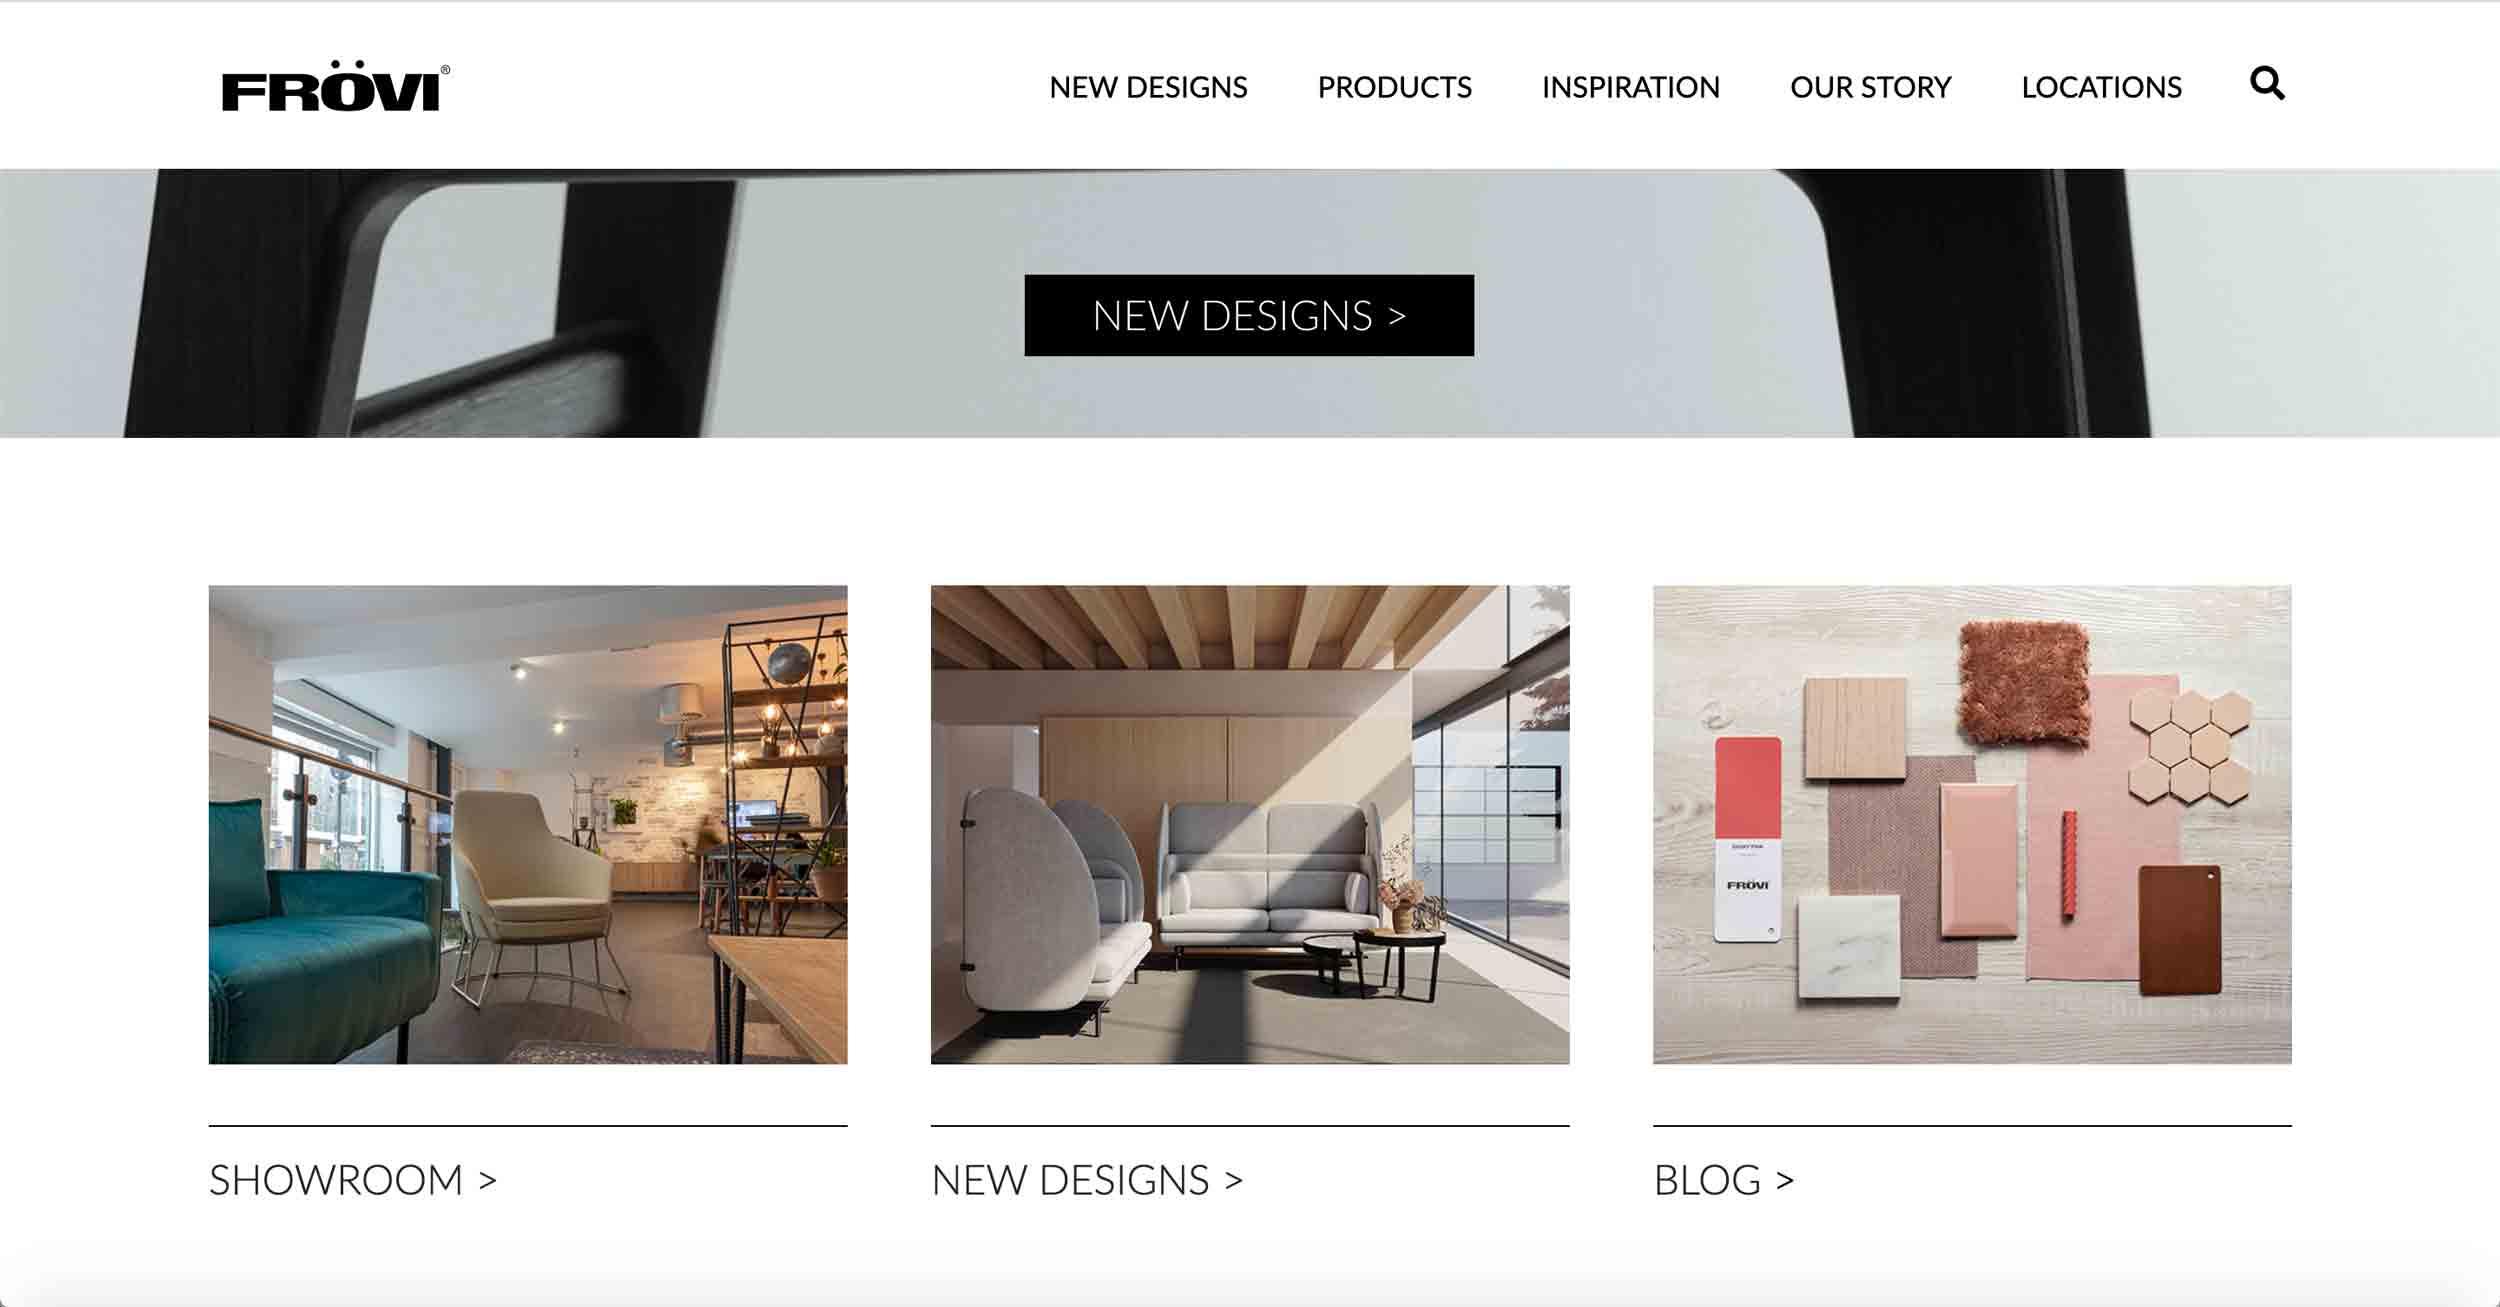 frovi website developement homepage content design